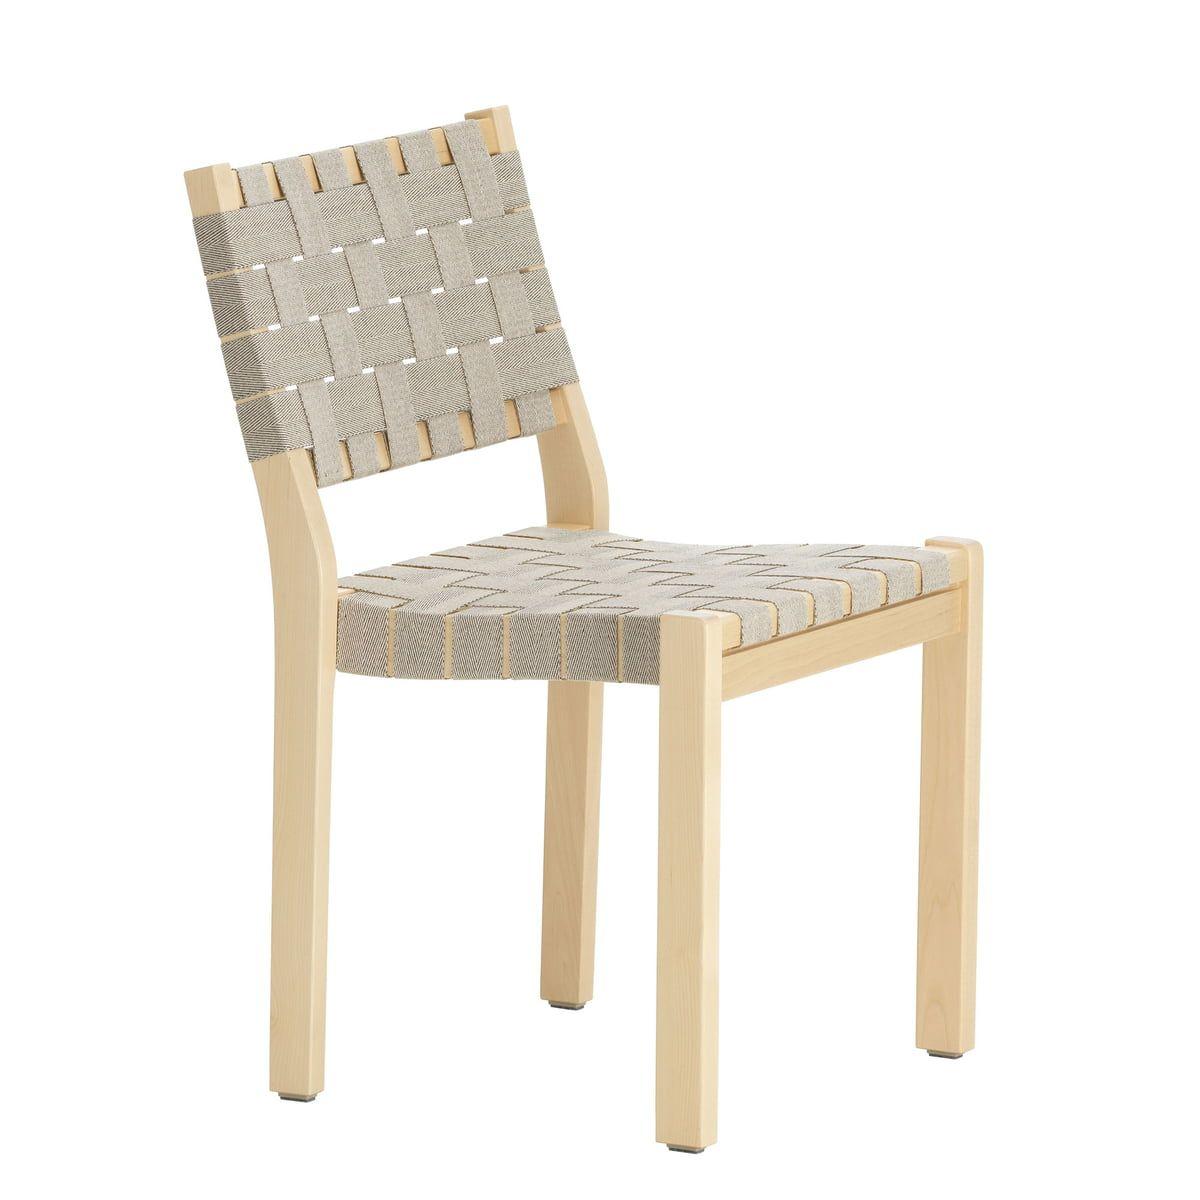 Geflochtener Stuhl 611 Von Artek Connox Modernes Mobeldesign Mobeldesign Klassische Mobel